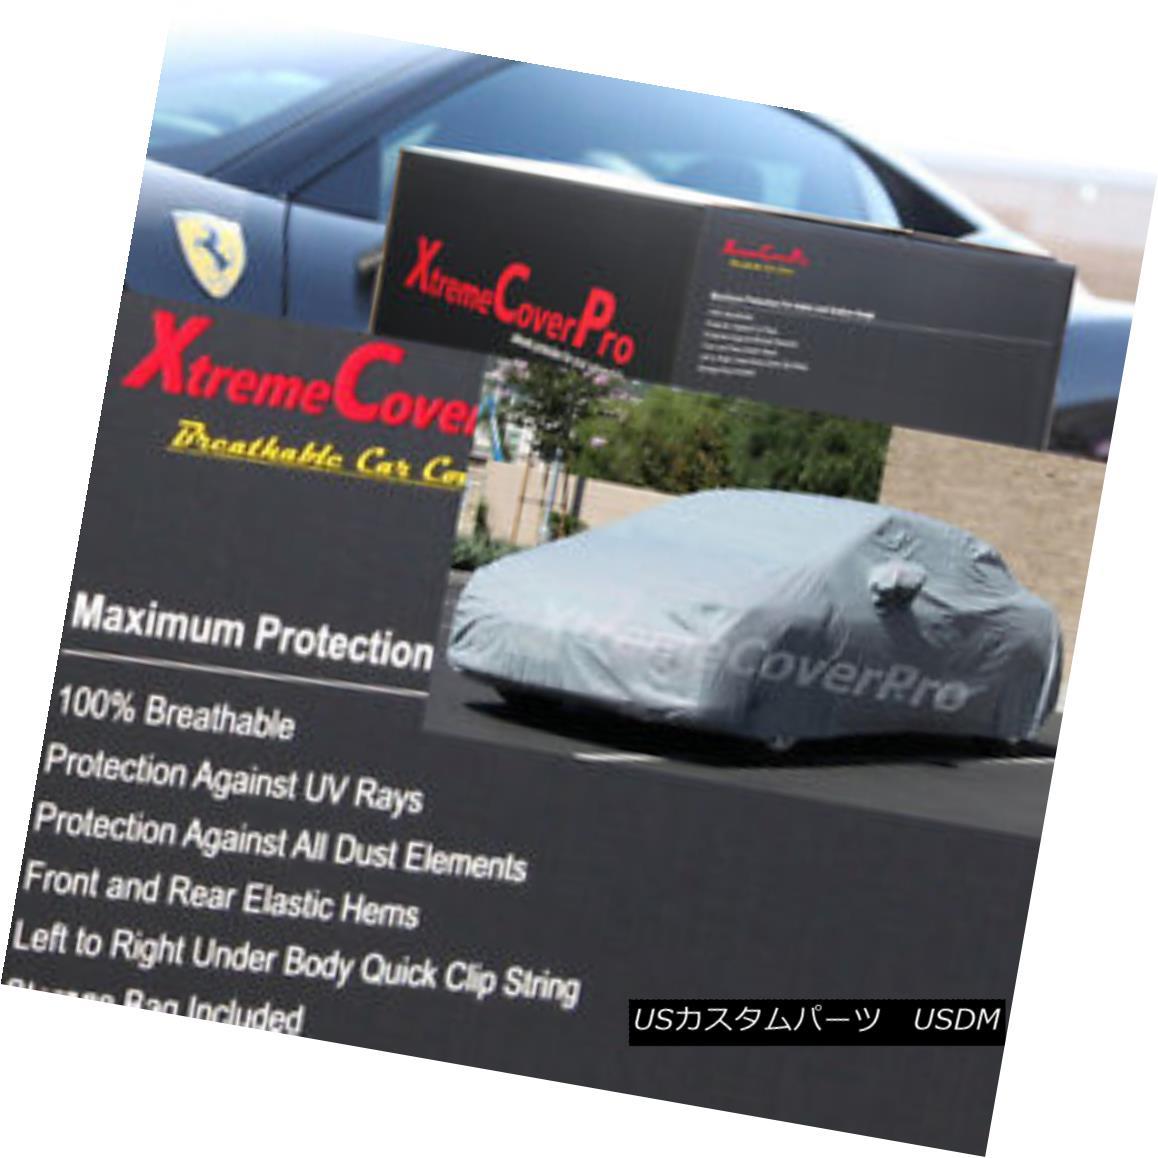 カーカバー 1995 1996 1997 Mercury Mystique Breathable Car Cover w/MirrorPocket 1995年1996年1997年水銀ミスティック通気性車カバー付きMirrorPocket